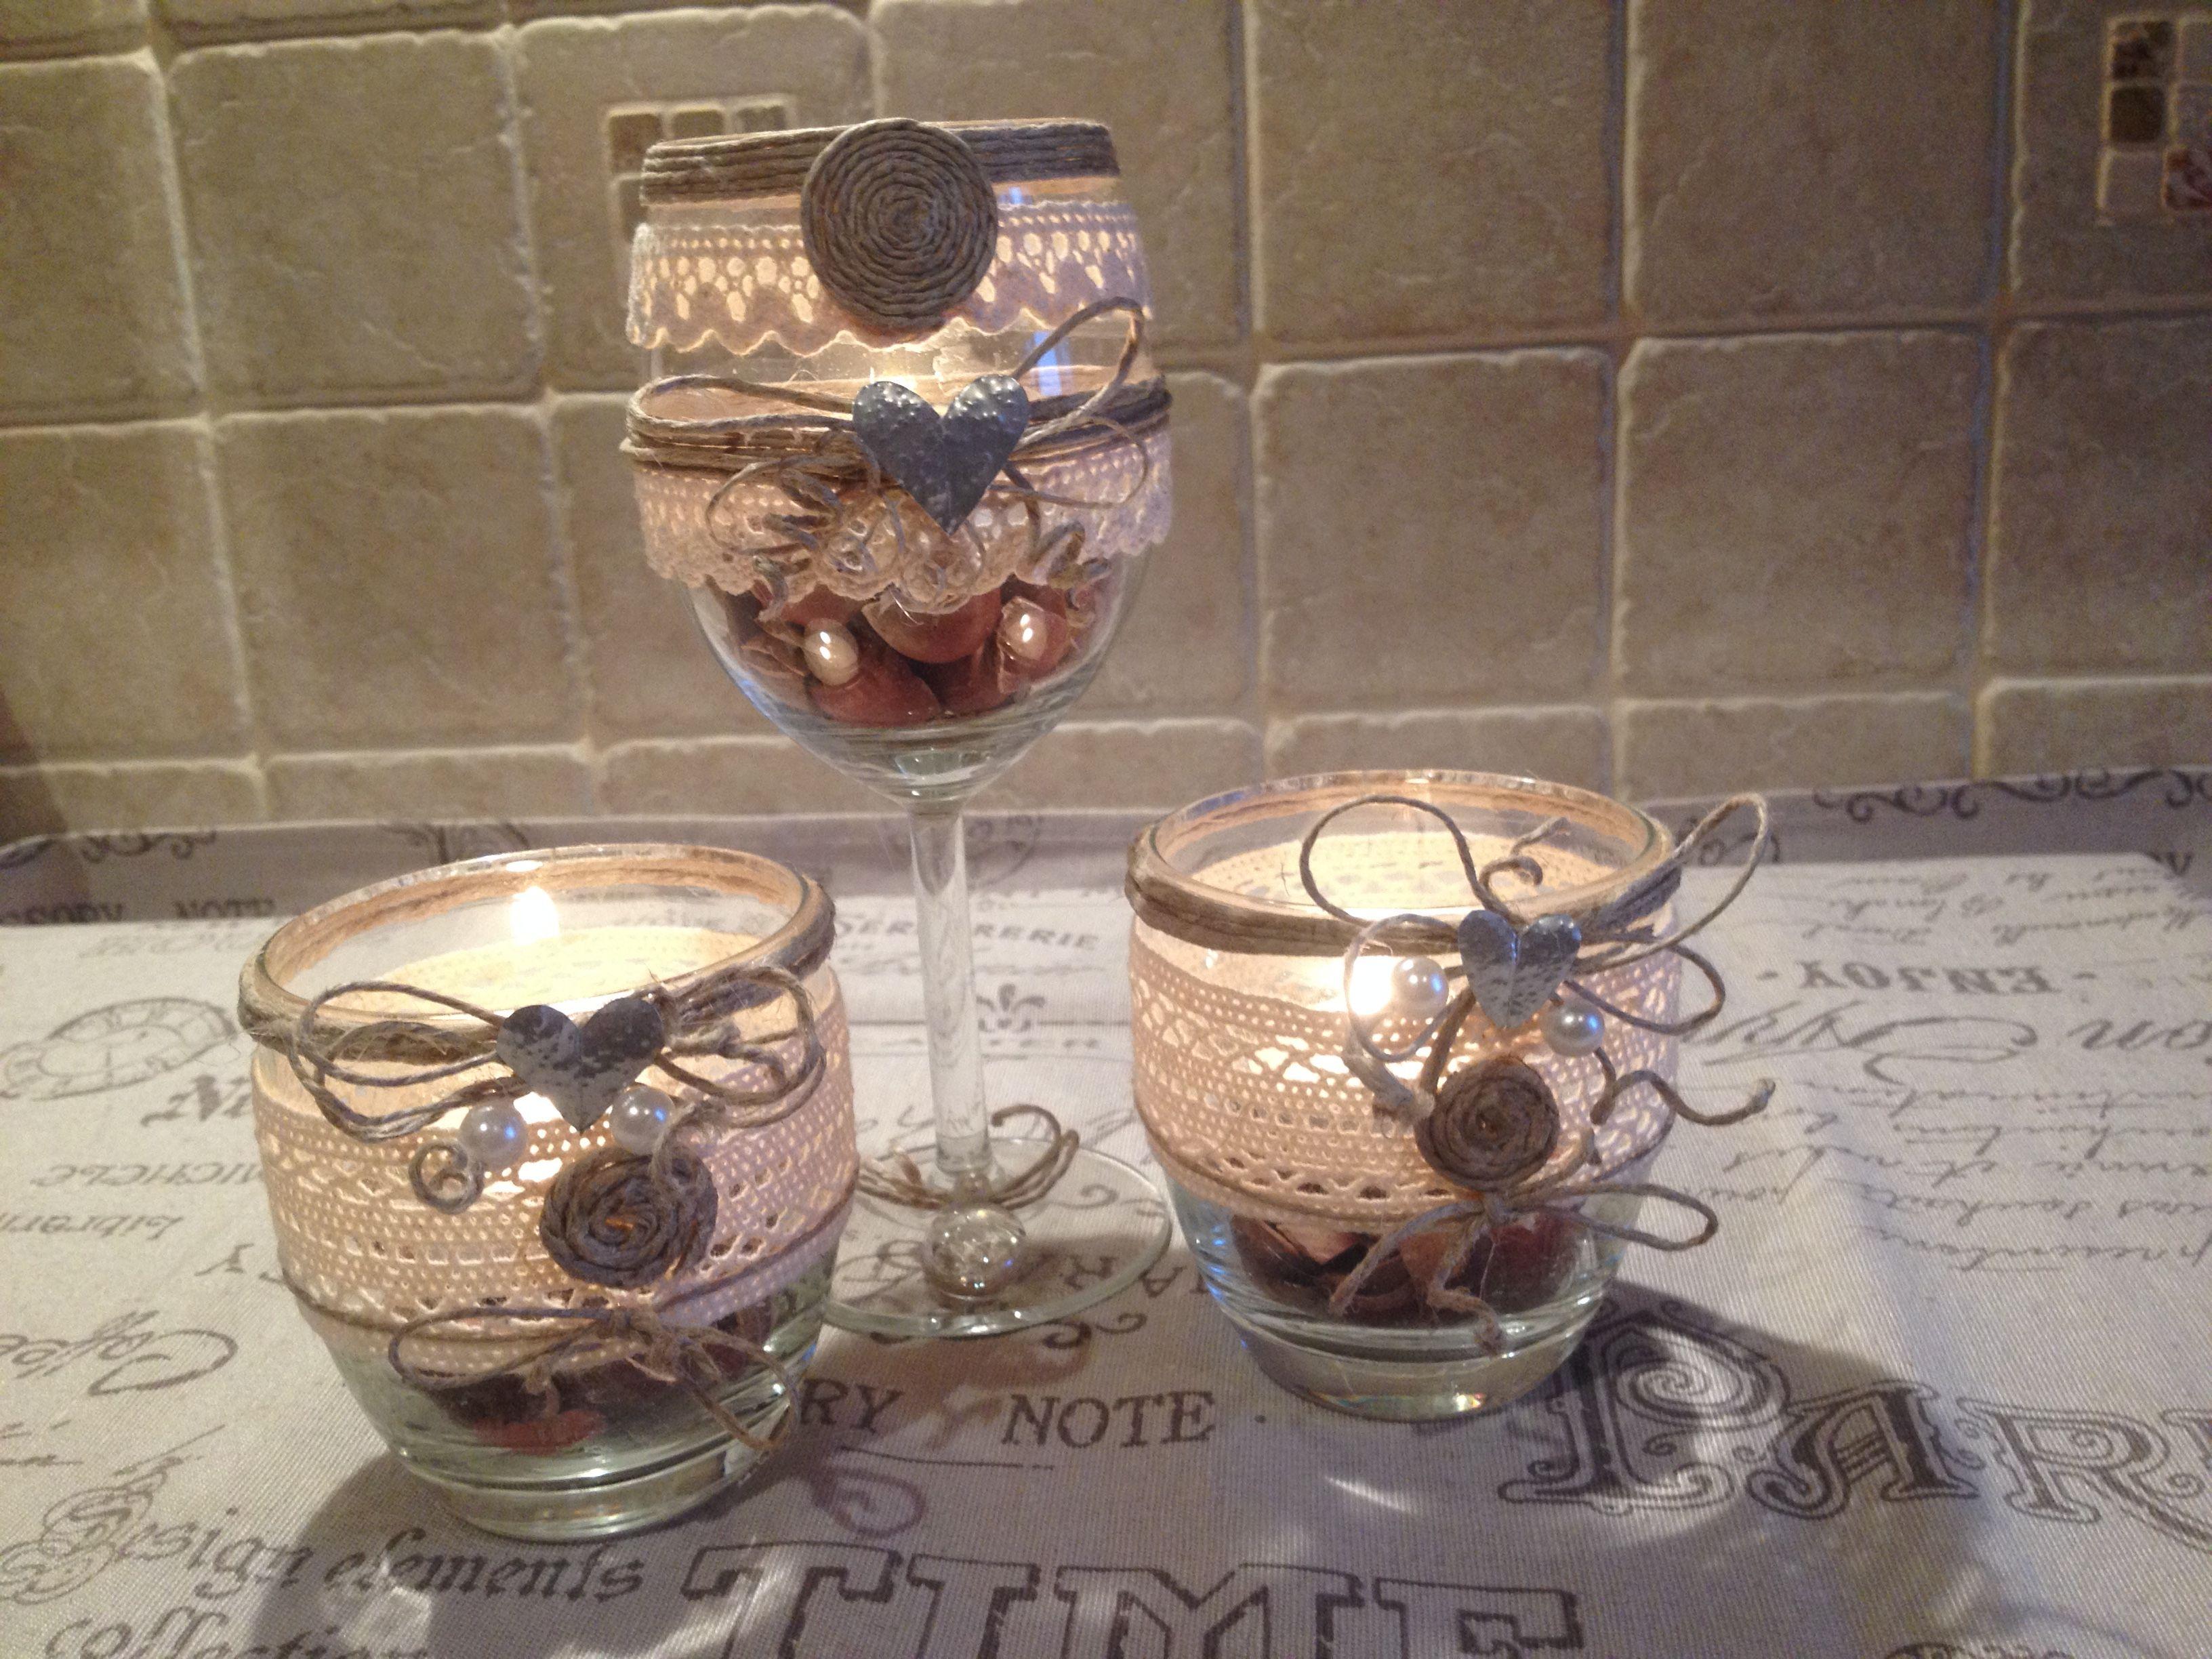 Artista monica bonaventura recuperati alcuni bicchieri inutilizzabili e riutilizzati come porta - Decorare bicchieri di vetro ...